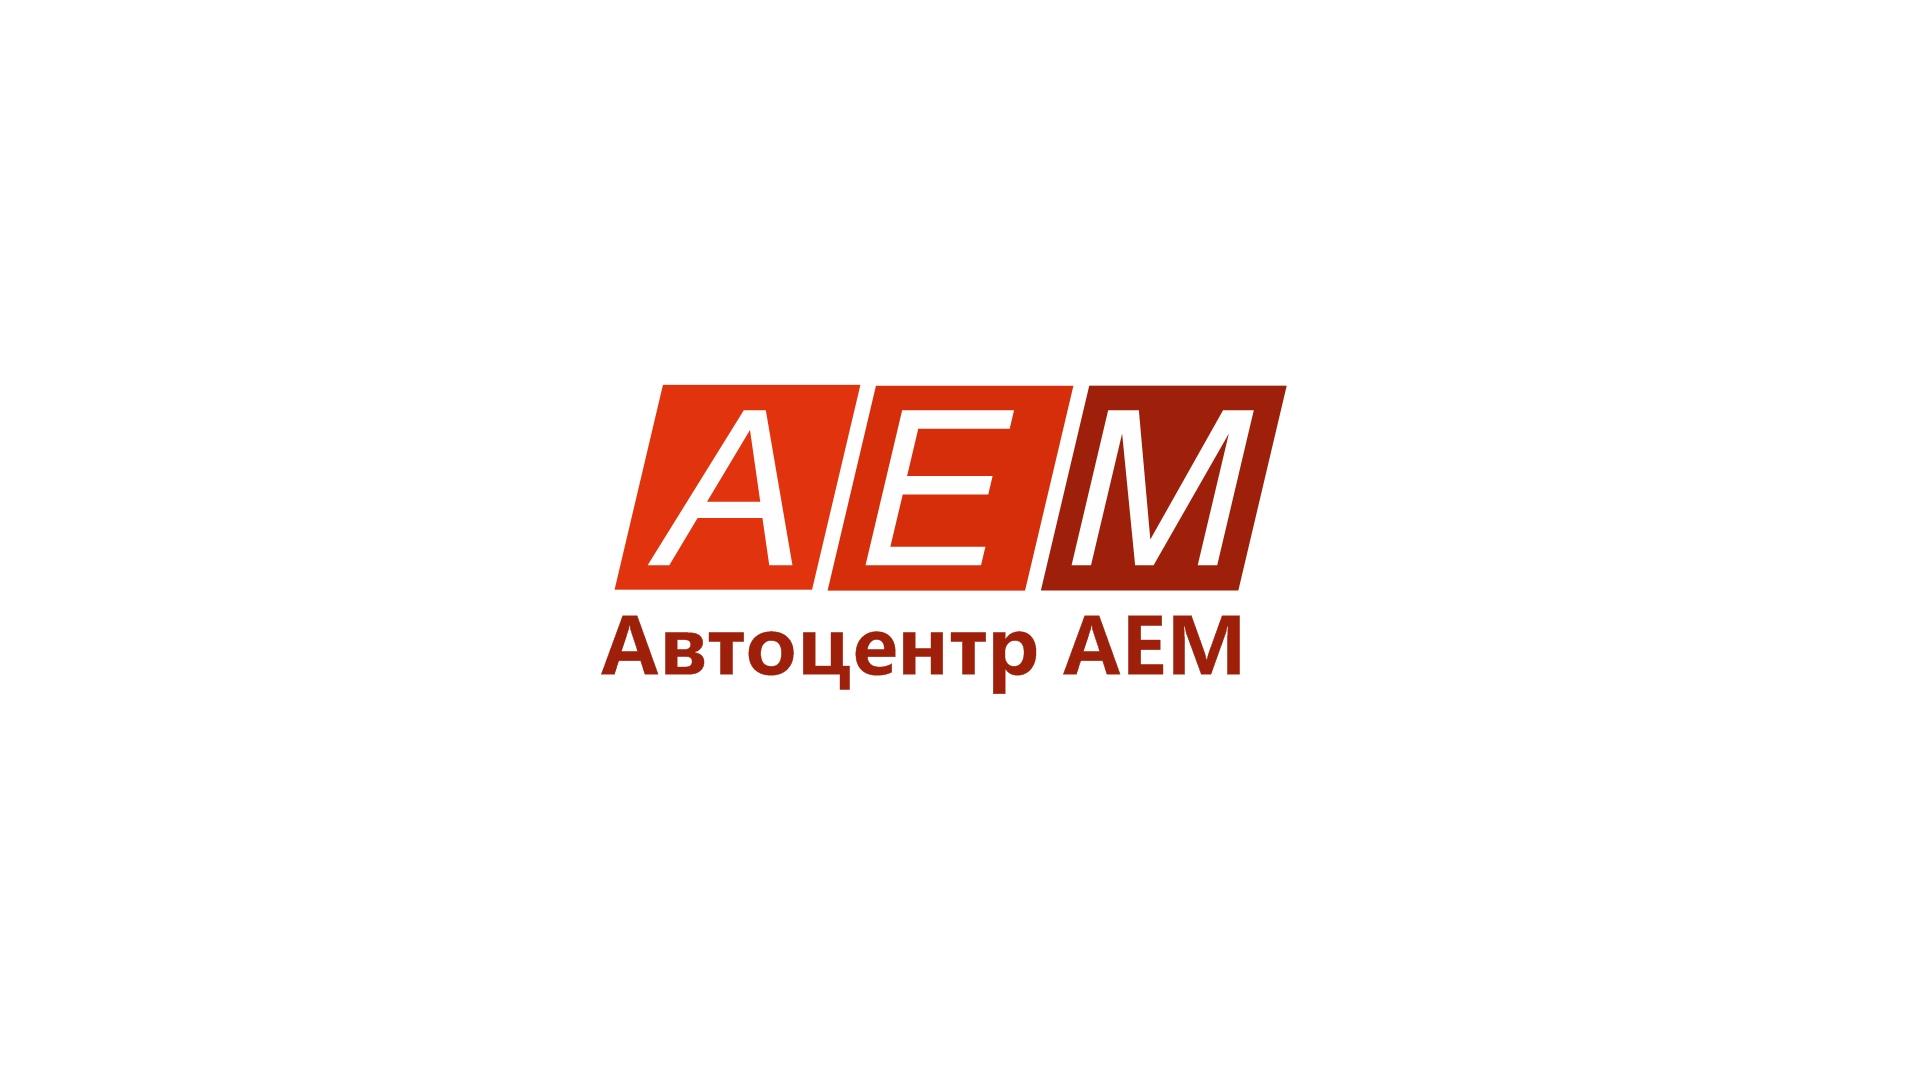 Создать логотип (буквенная часть) для бренда бытовой техники фото f_7735b33cb5da2efe.jpg